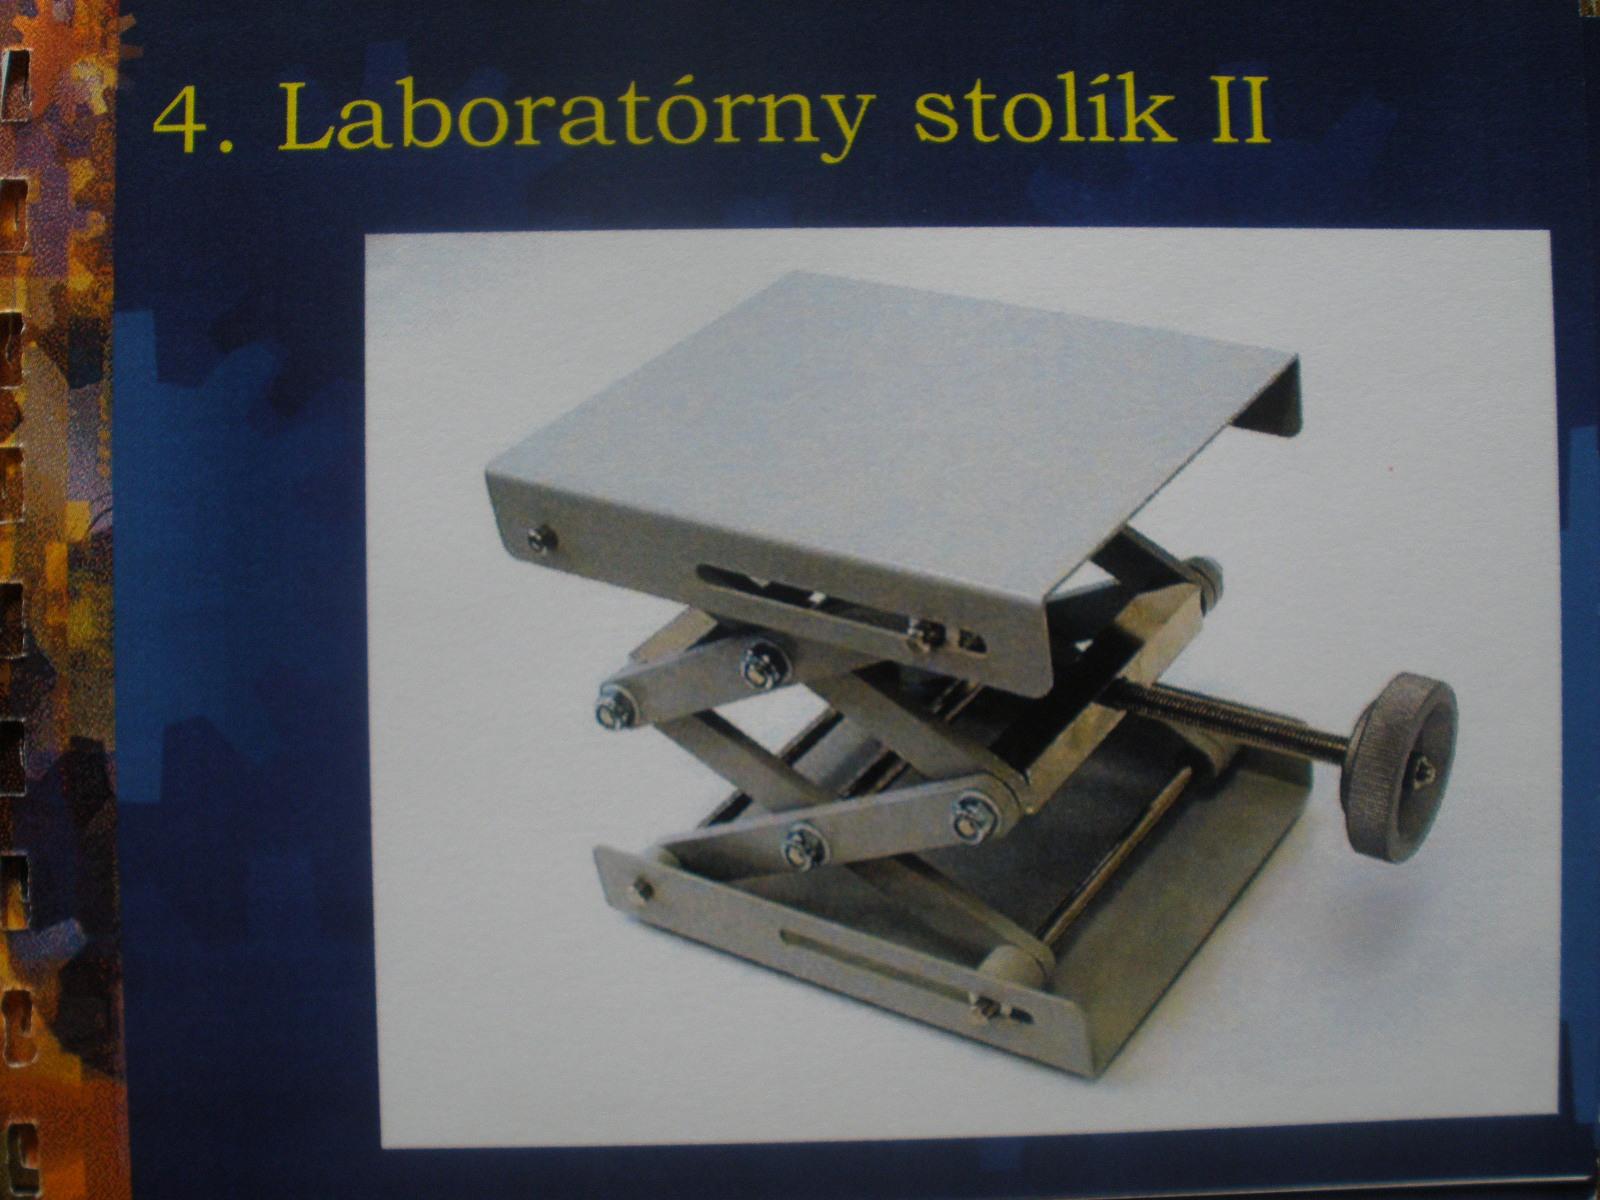 Laboratórny stolček zdvíhací